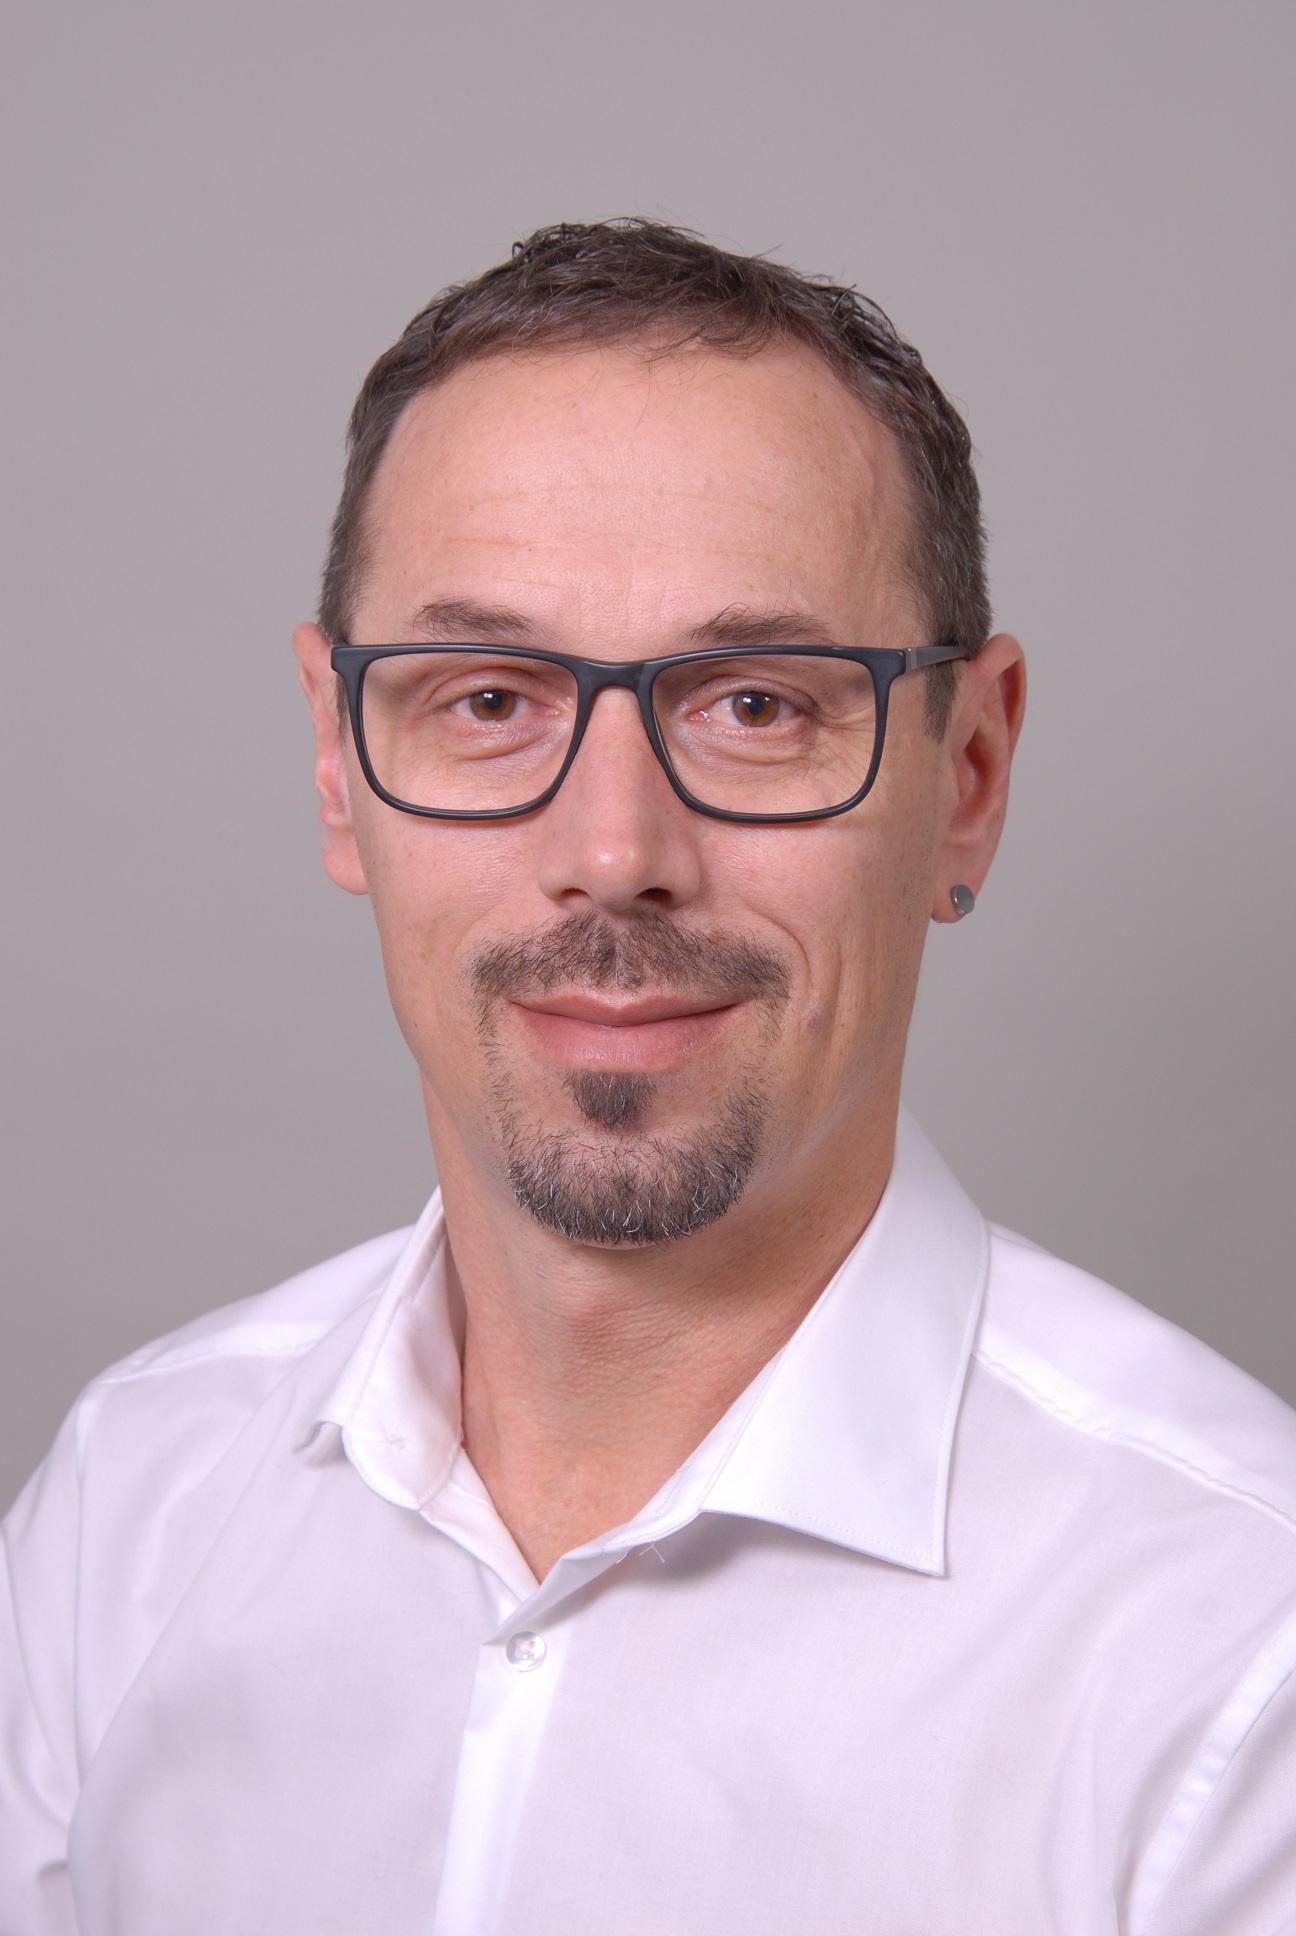 Andreas Reber.JPG